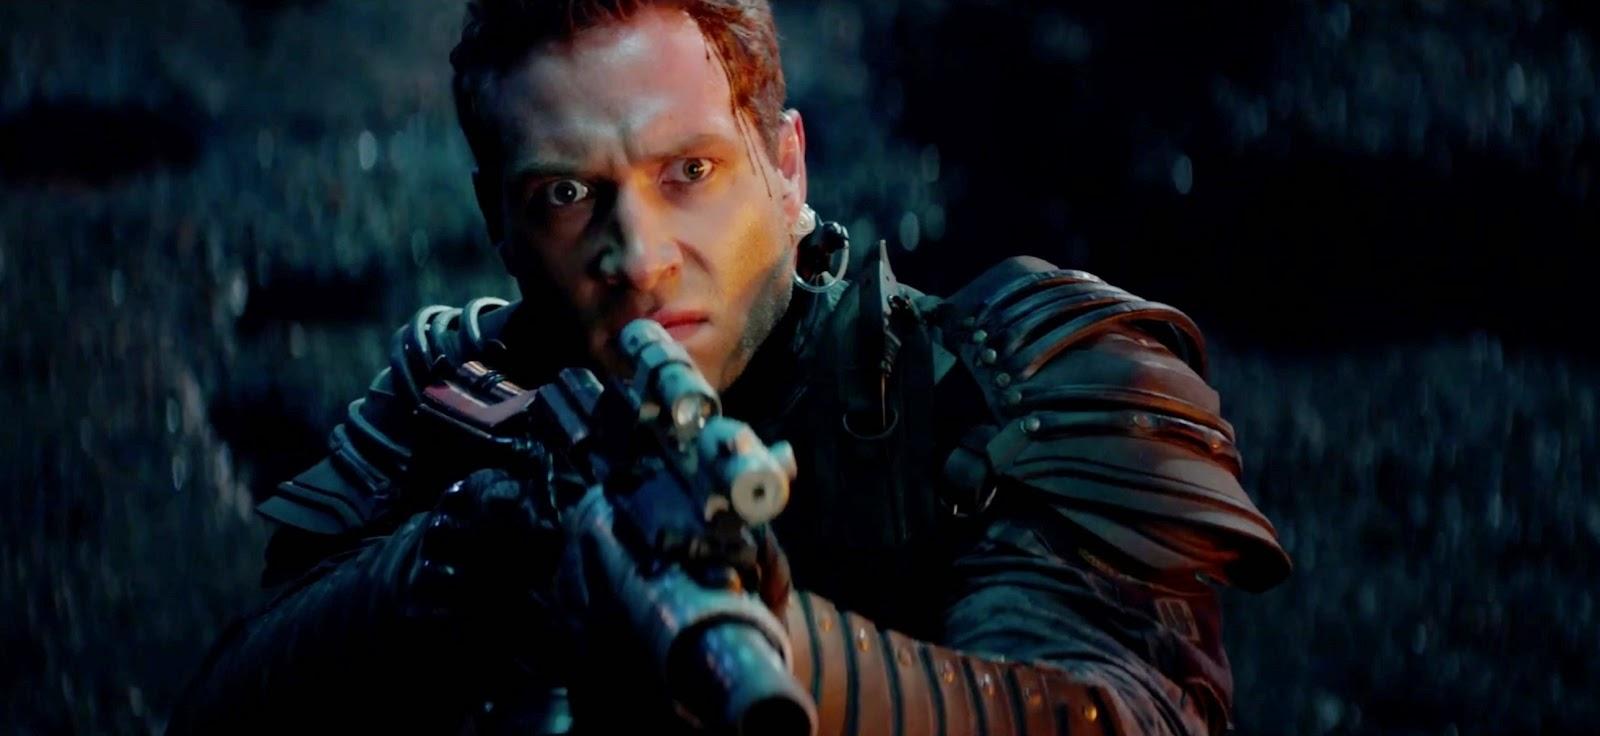 Assista ao trailer estendido de O Exterminador do Futuro: Gênesis, com Emilia Clarke, Jai Courtney e Arnold Schwarzenegger